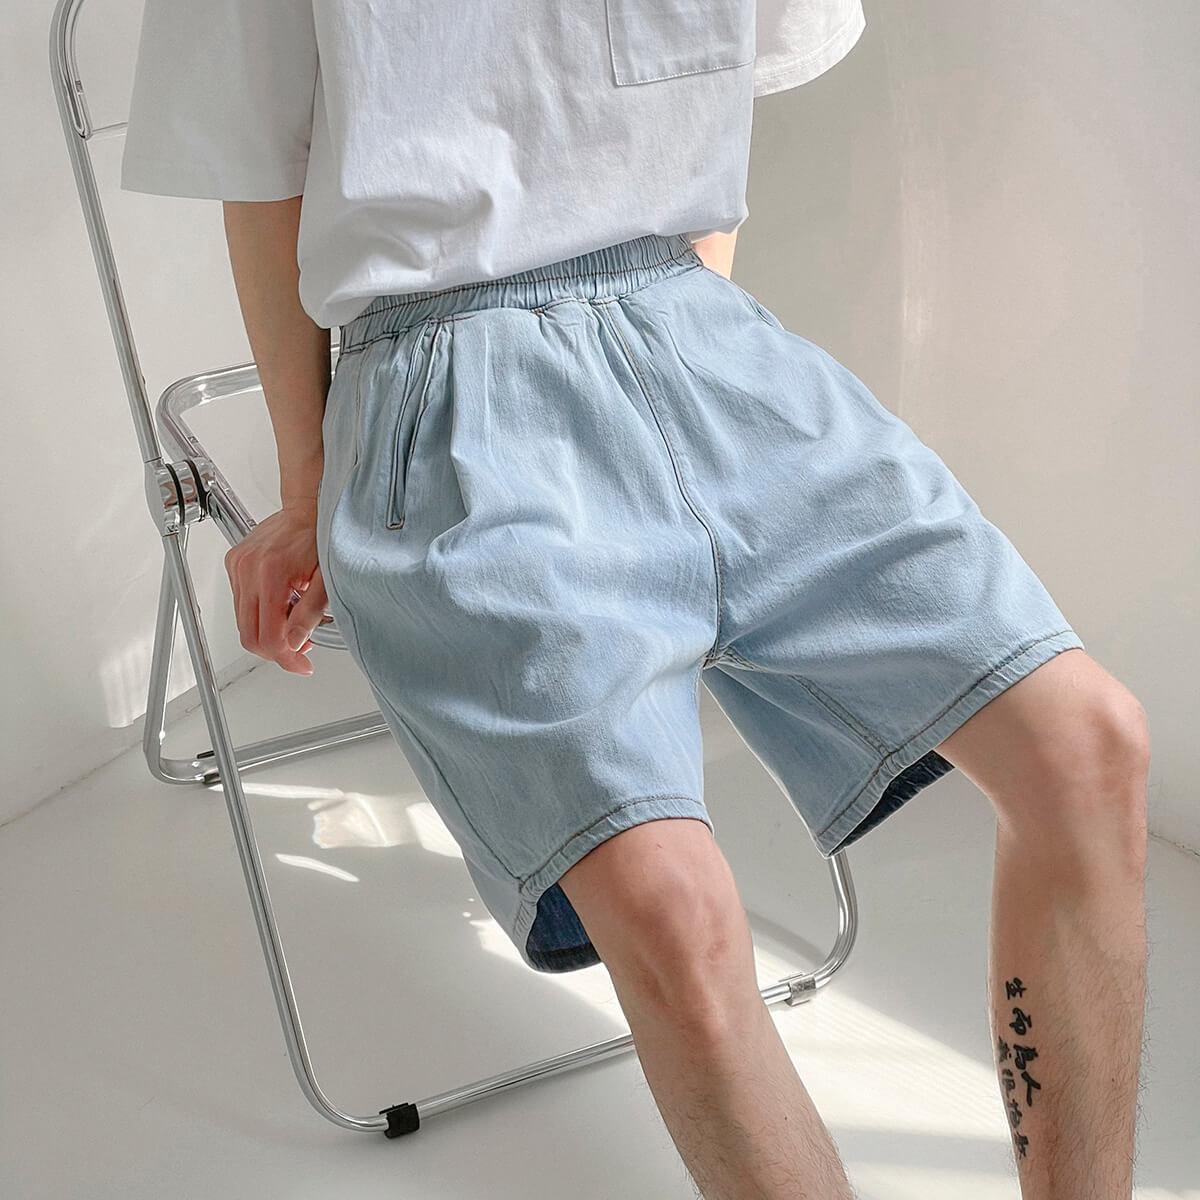 Шорты DAZO Studio Thin Elastic Denim Shorts (1)